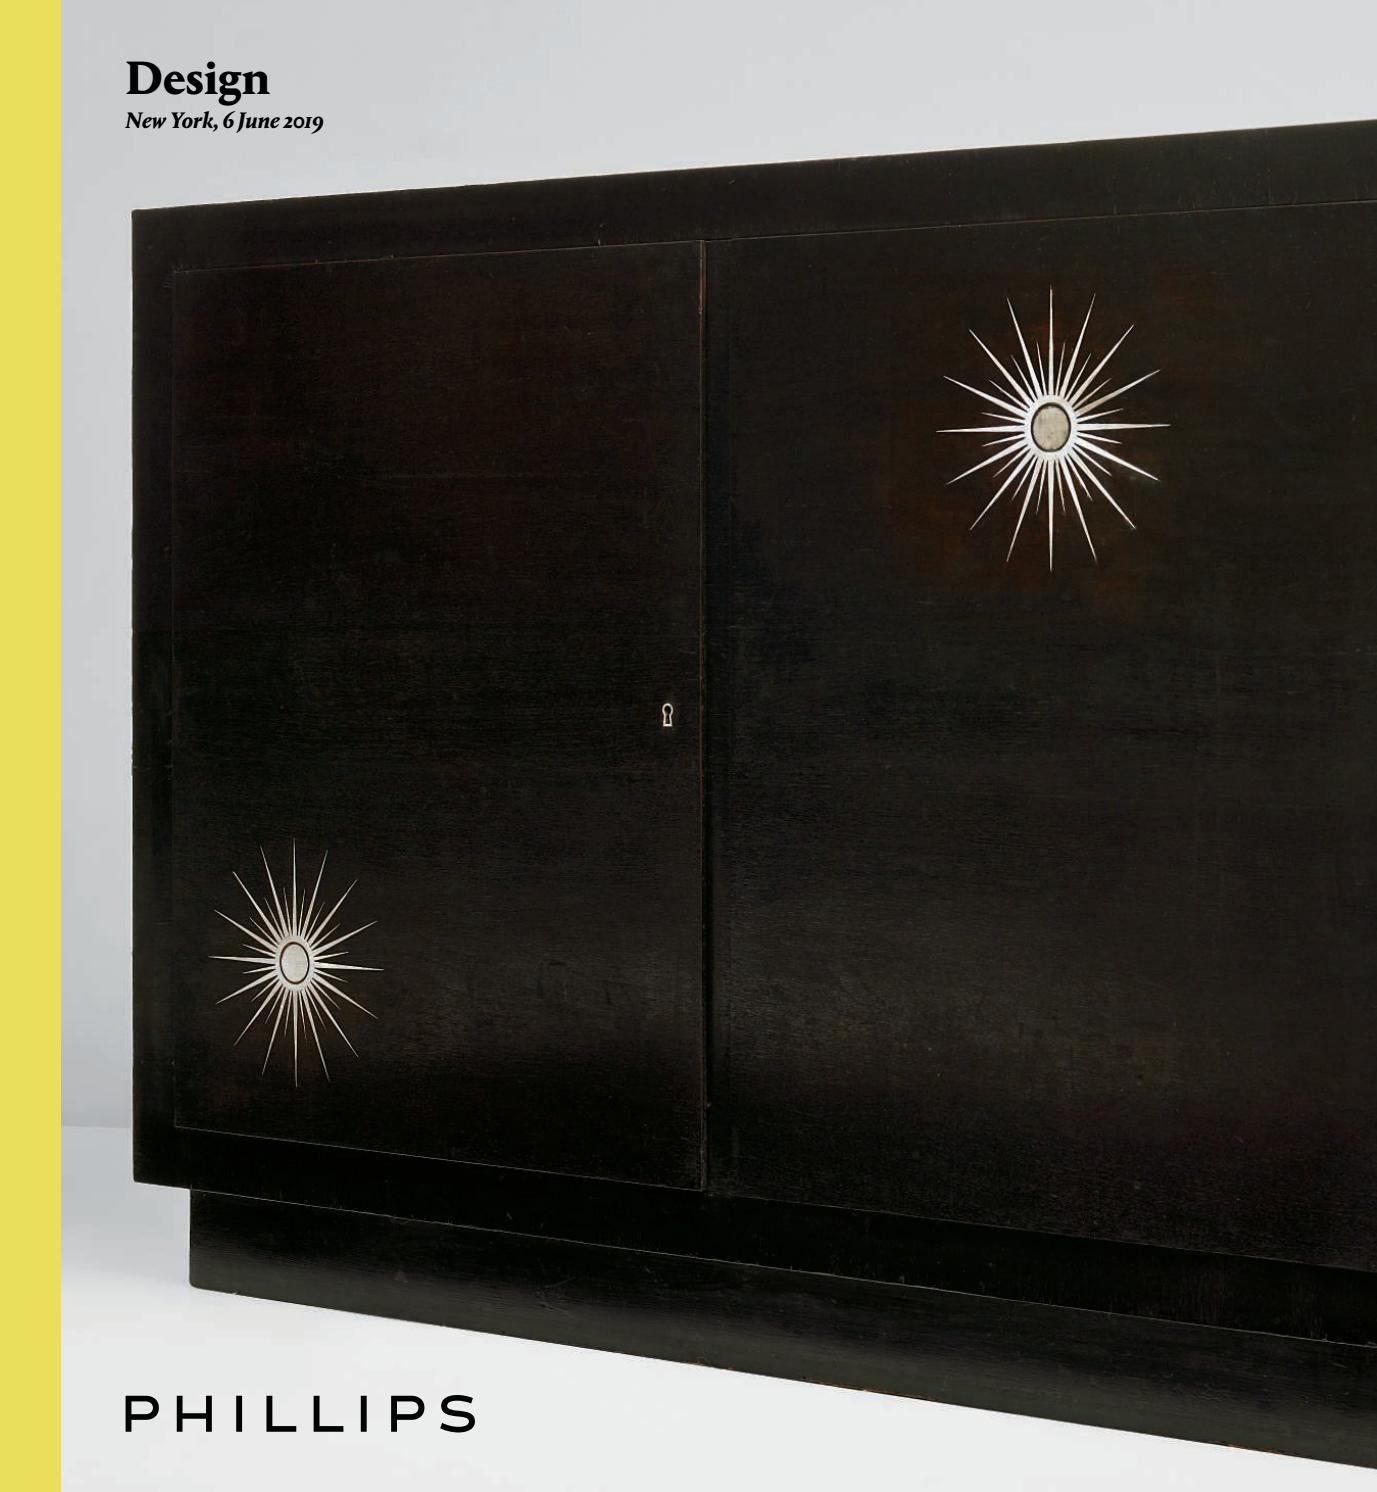 Le sedie possono essere unite mediate dei raccordi. Design Catalogue By Phillips Issuu